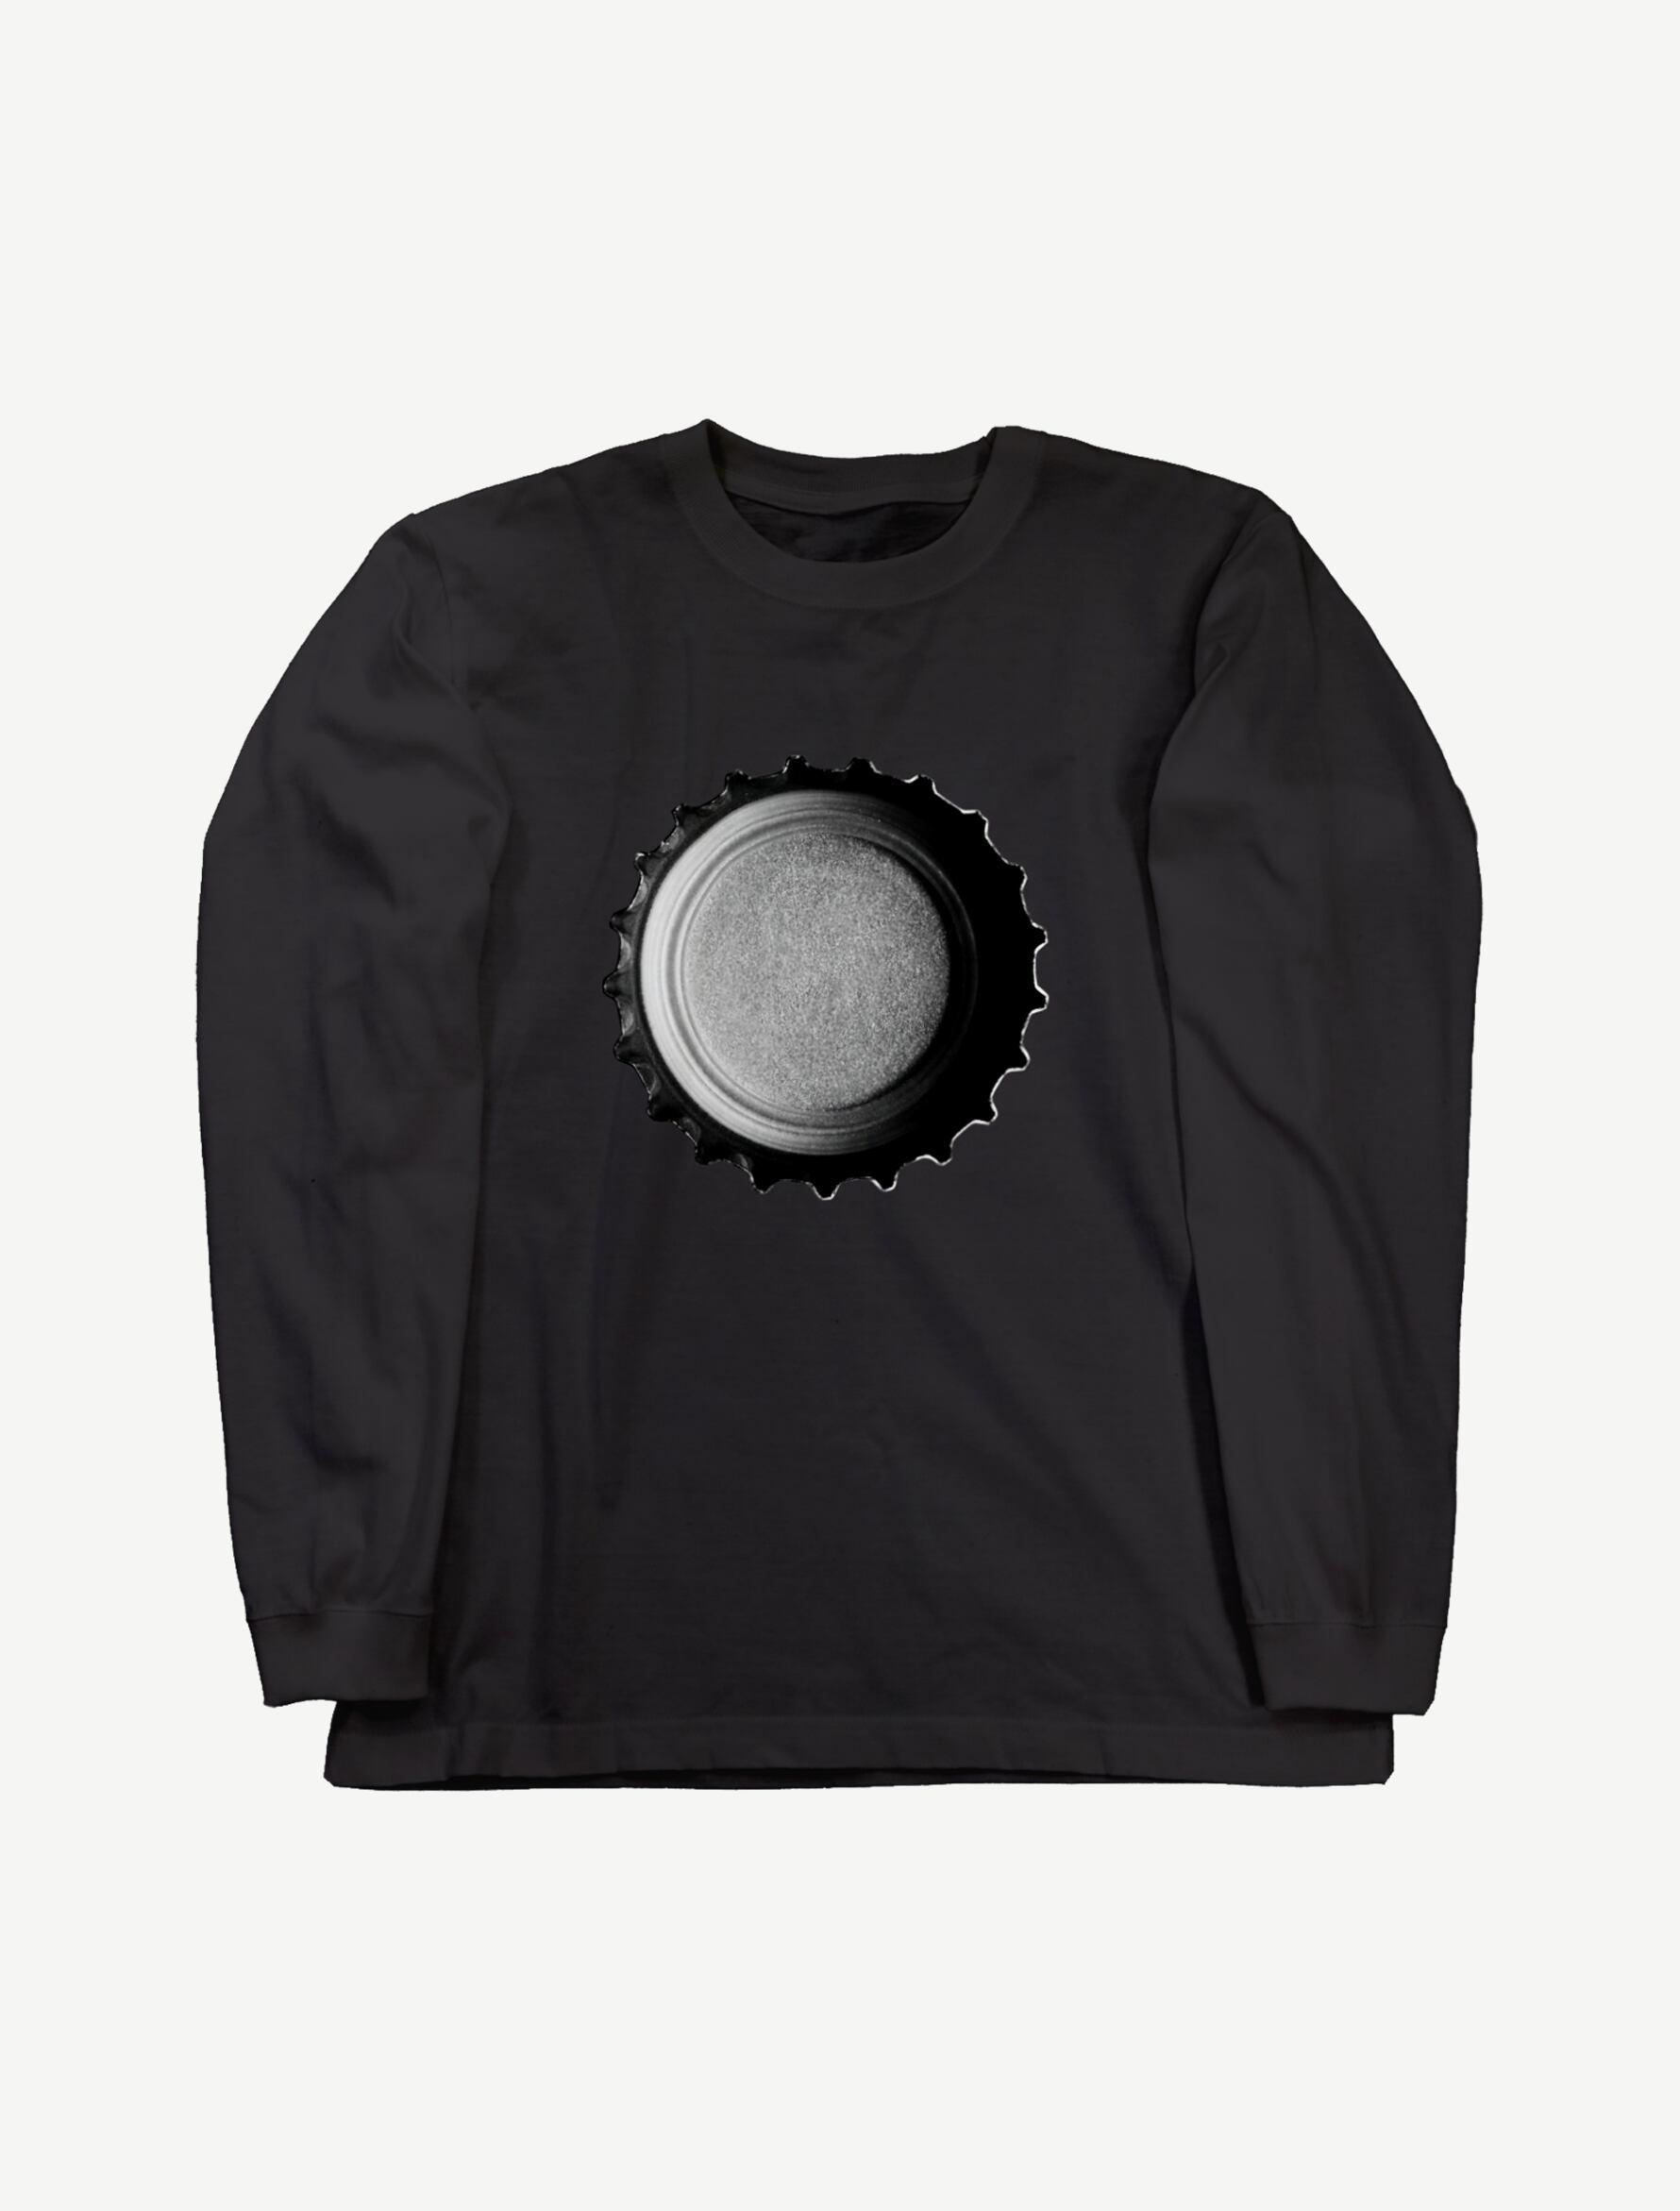 【BEER CROWN】ロングスリーブTシャツ